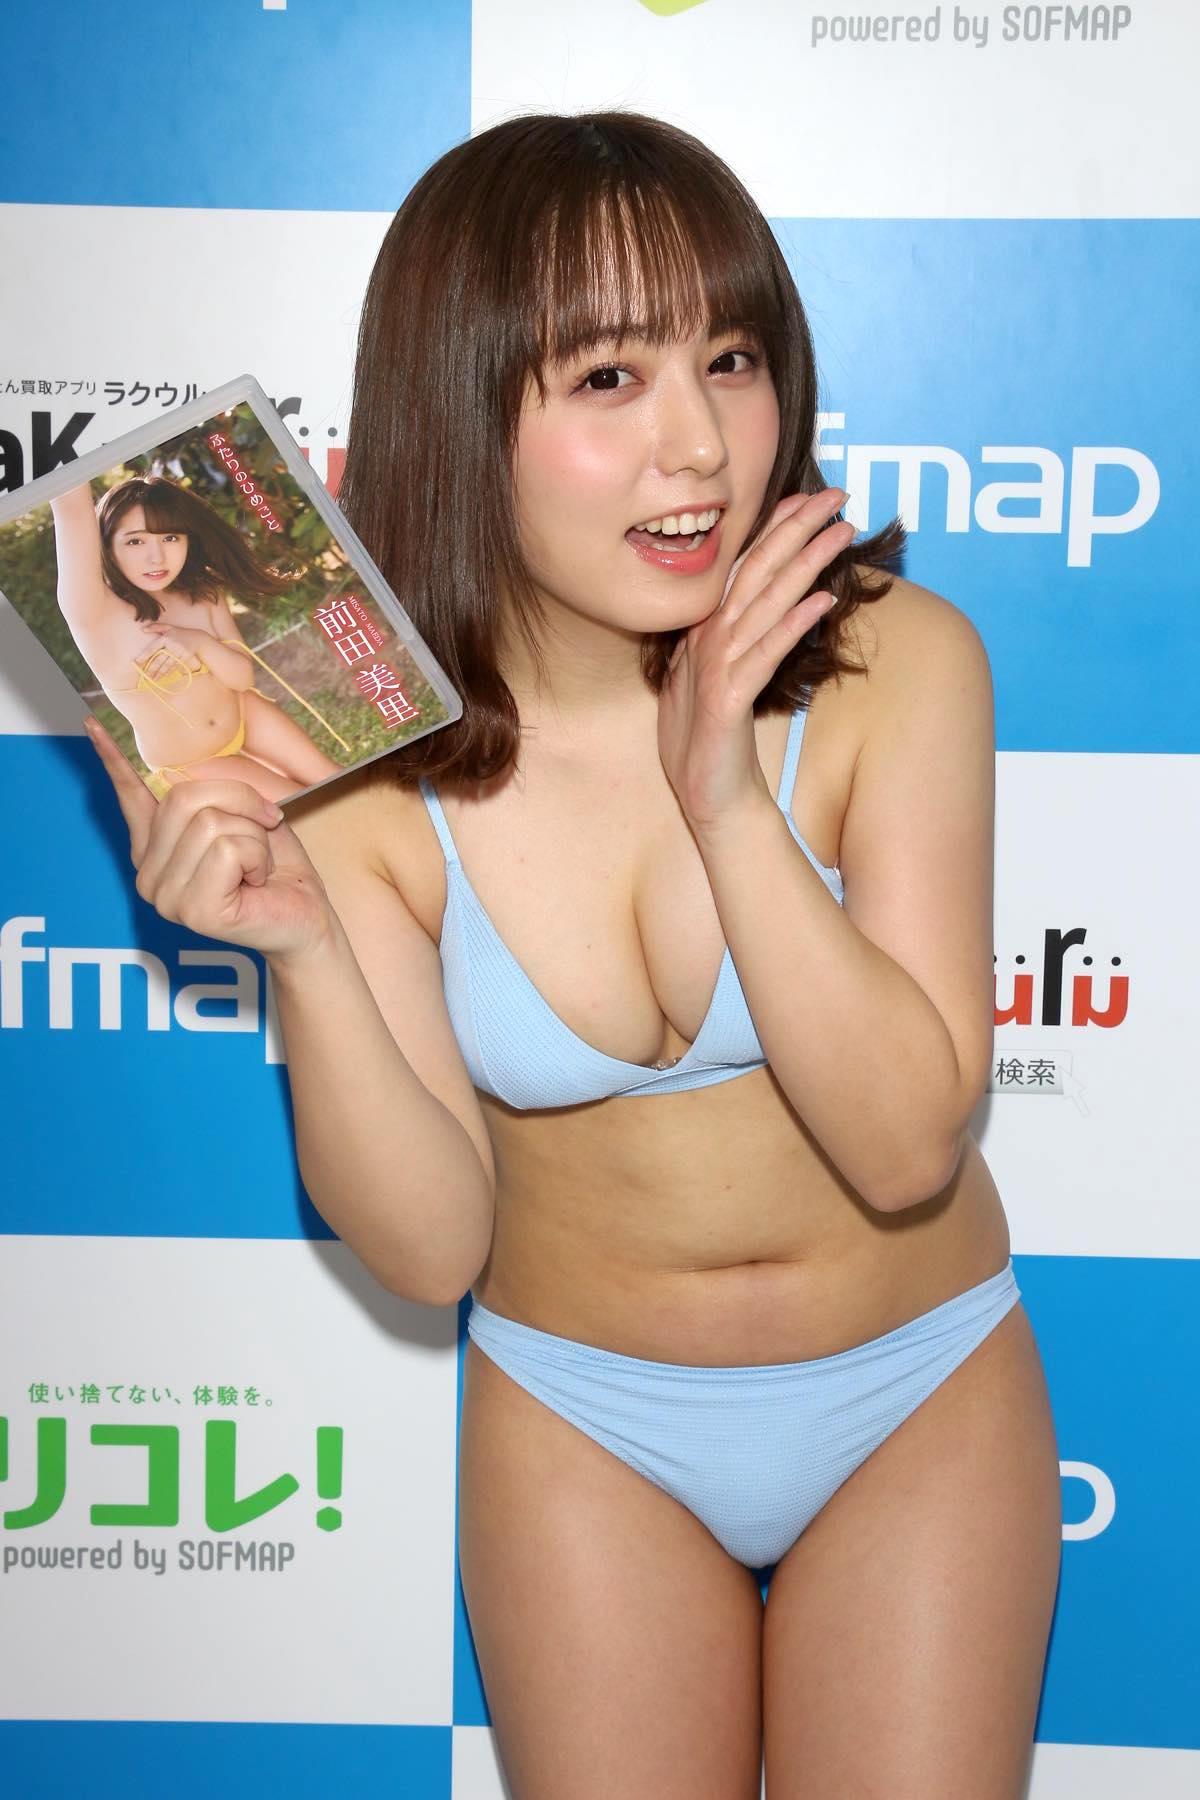 前田美里「胸元ガッツリ開いた競泳水着」に挑戦して、緊張!【写真44枚】の画像044